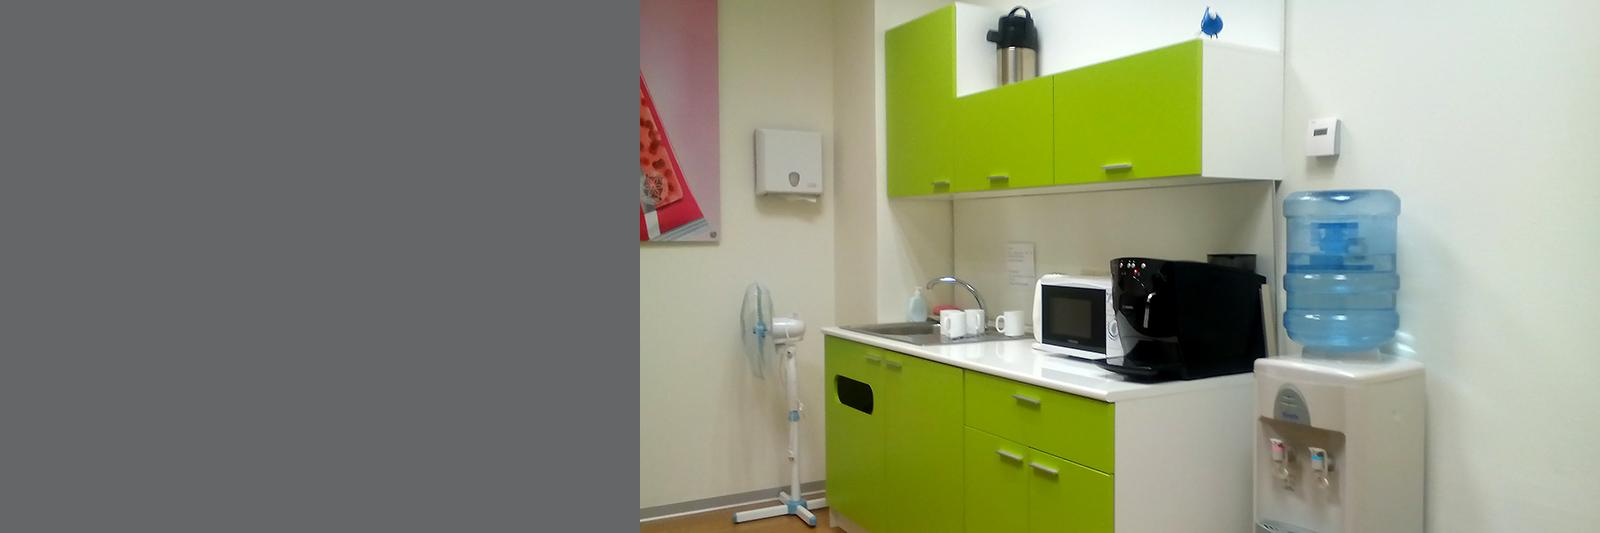 Мини кухня для офиса на заказ